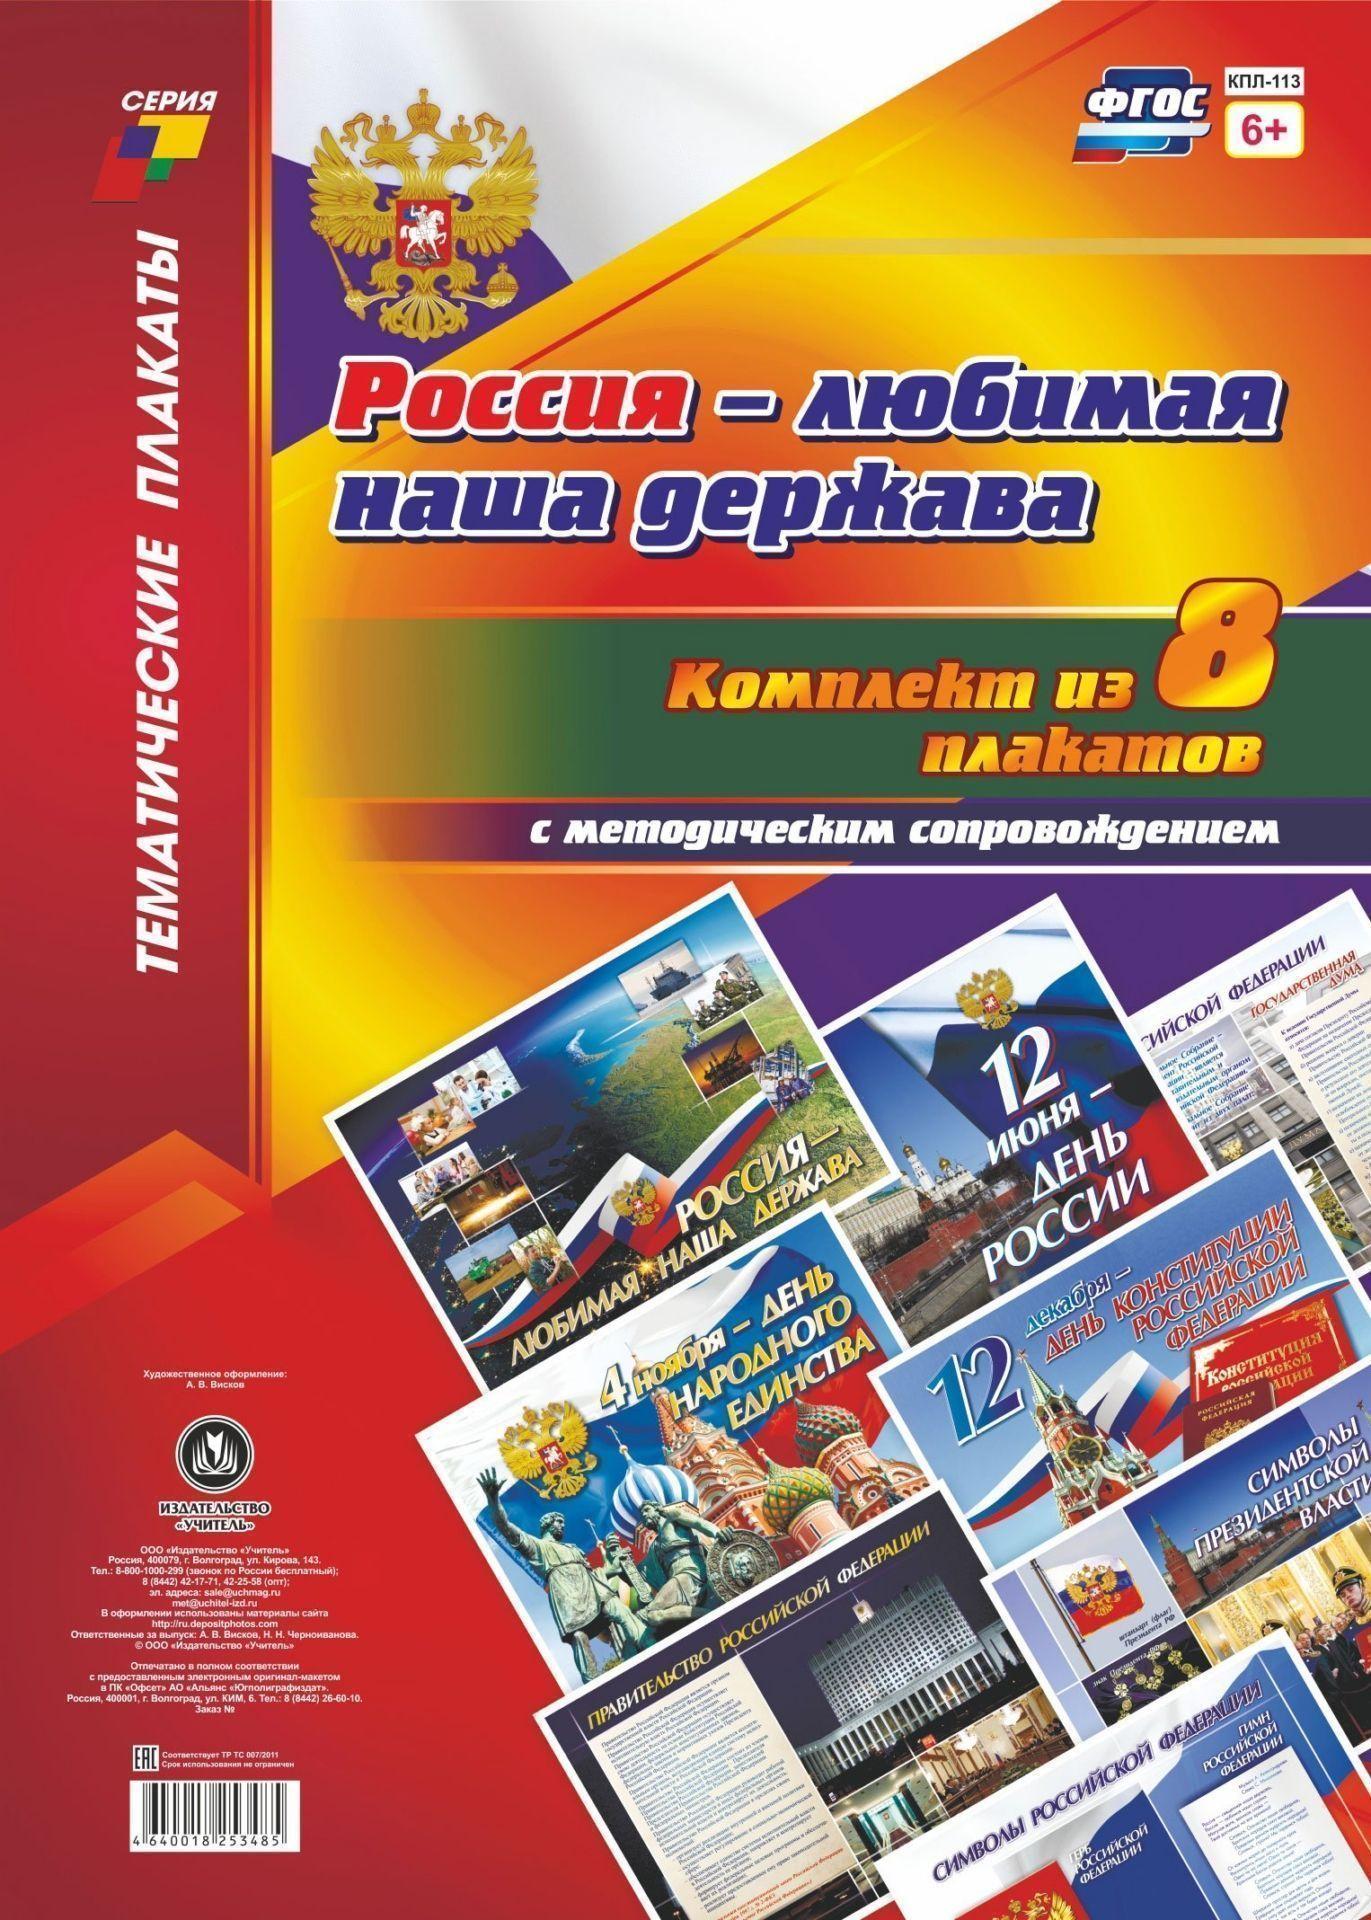 Комплект плакатов Россия - любимая наша держава: 8 плакатов с методическим сопровождениемИнформационно-деловое оснащение ДОО<br>.<br><br>Год: 2017<br>Серия: Тематические плакаты<br>Высота: 297<br>Ширина: 420